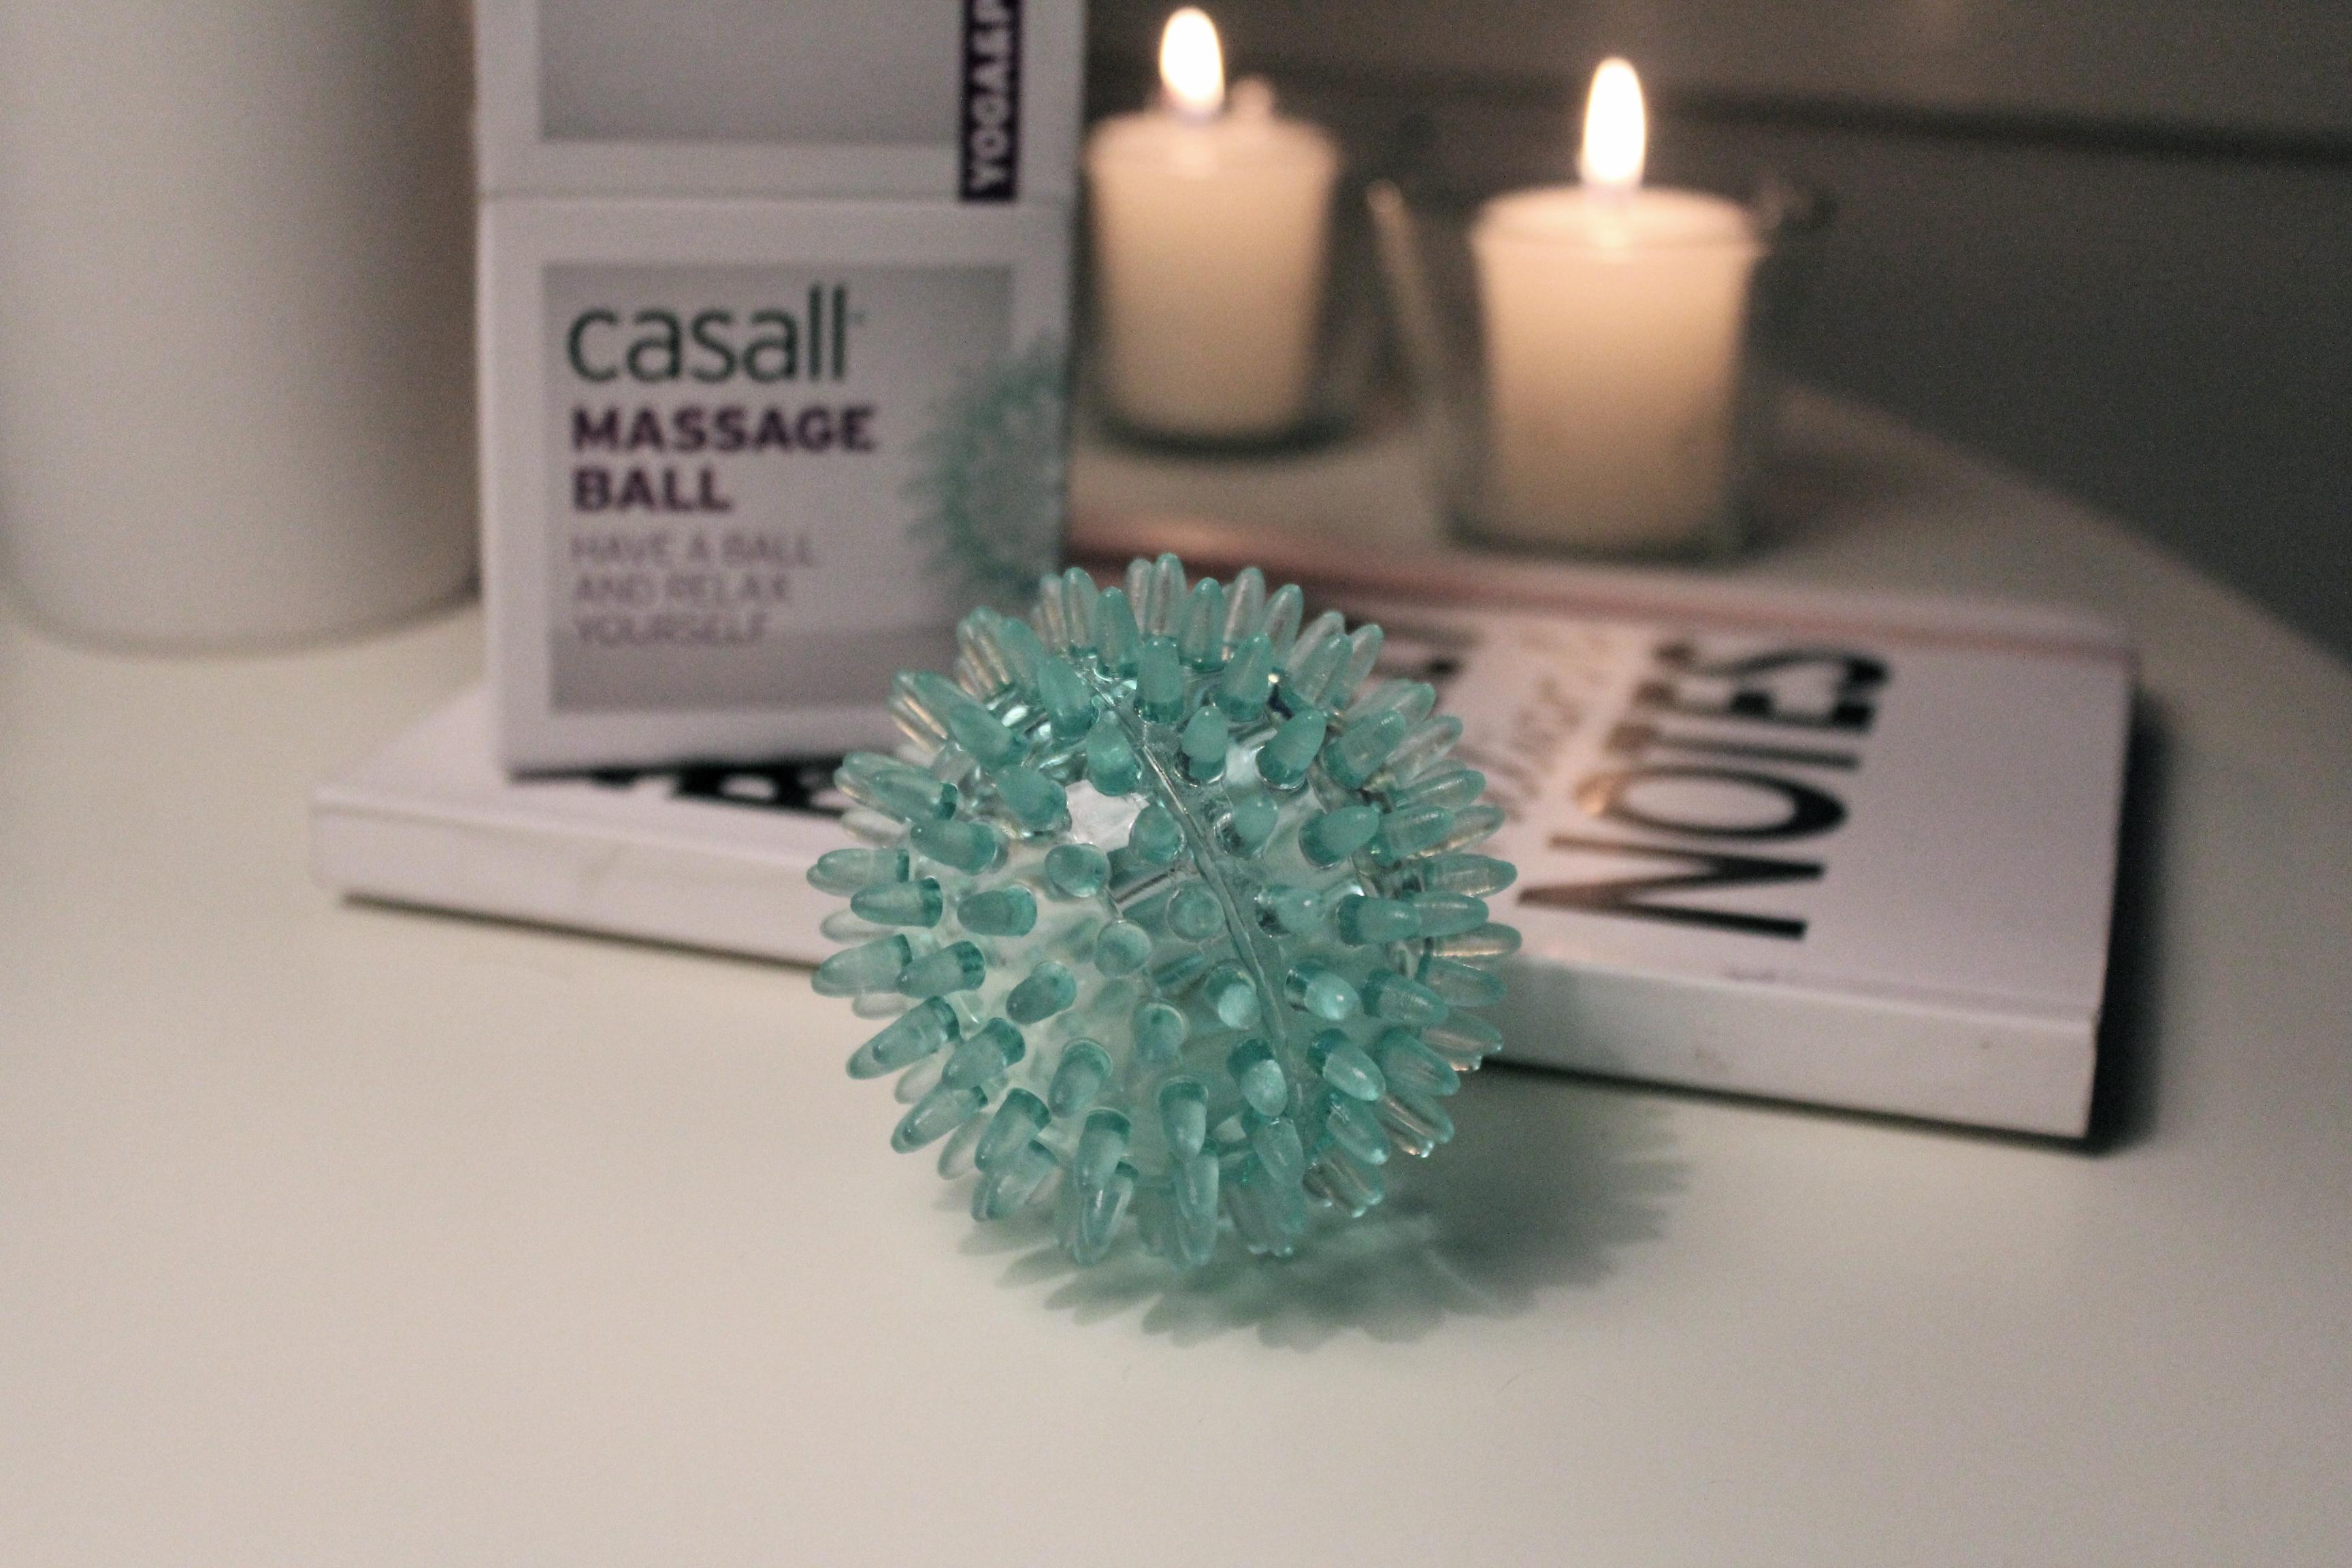 CASALL-MASSAGE-BALL.jpg